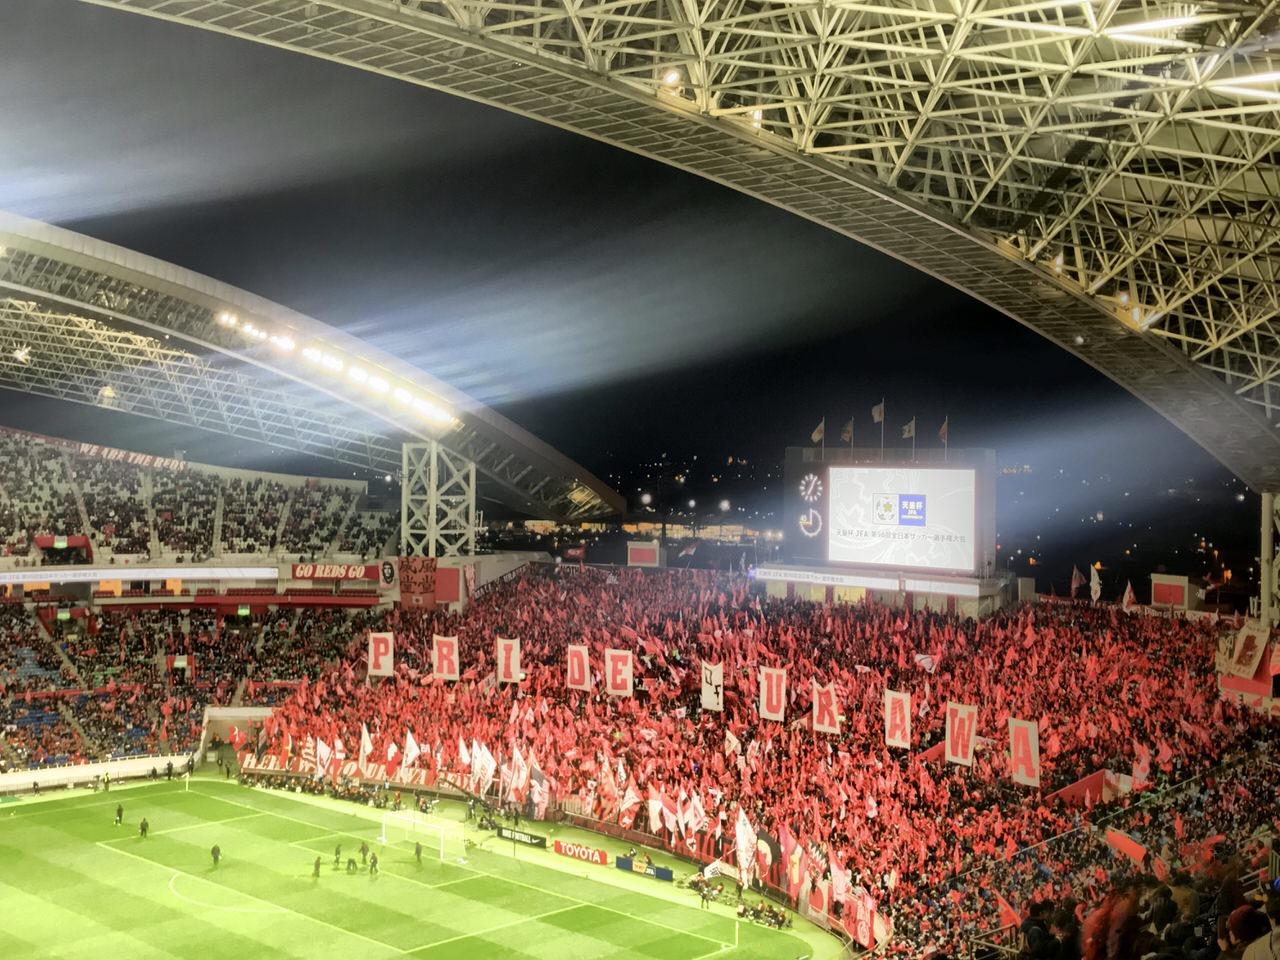 浦和レッズ、天皇杯第98回全日本サッカー選手権大会で優勝